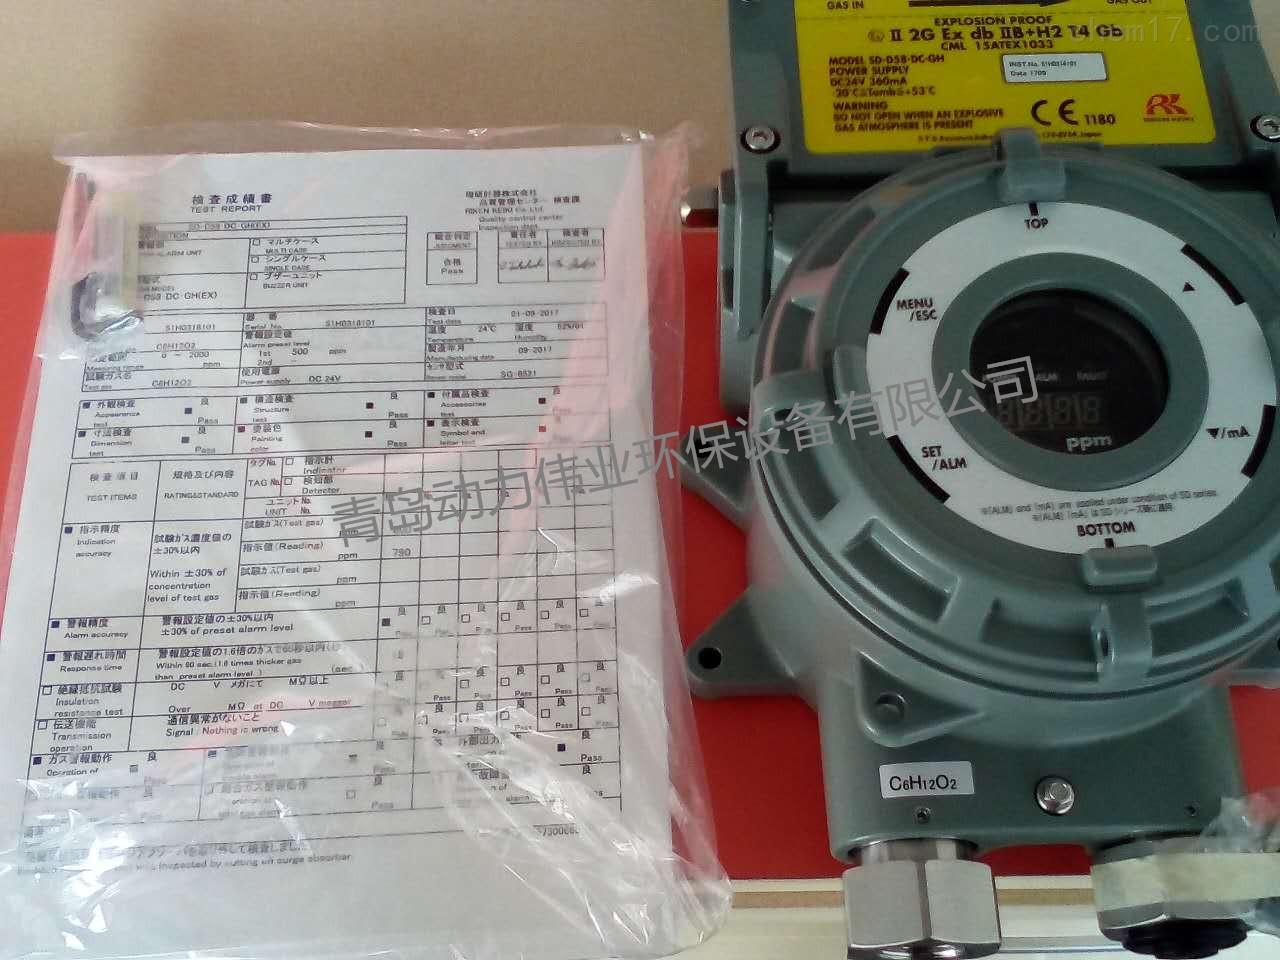 环保工程常用日本理研计器泵吸式气体检测仪器SD-D58DC-GH VOC气体